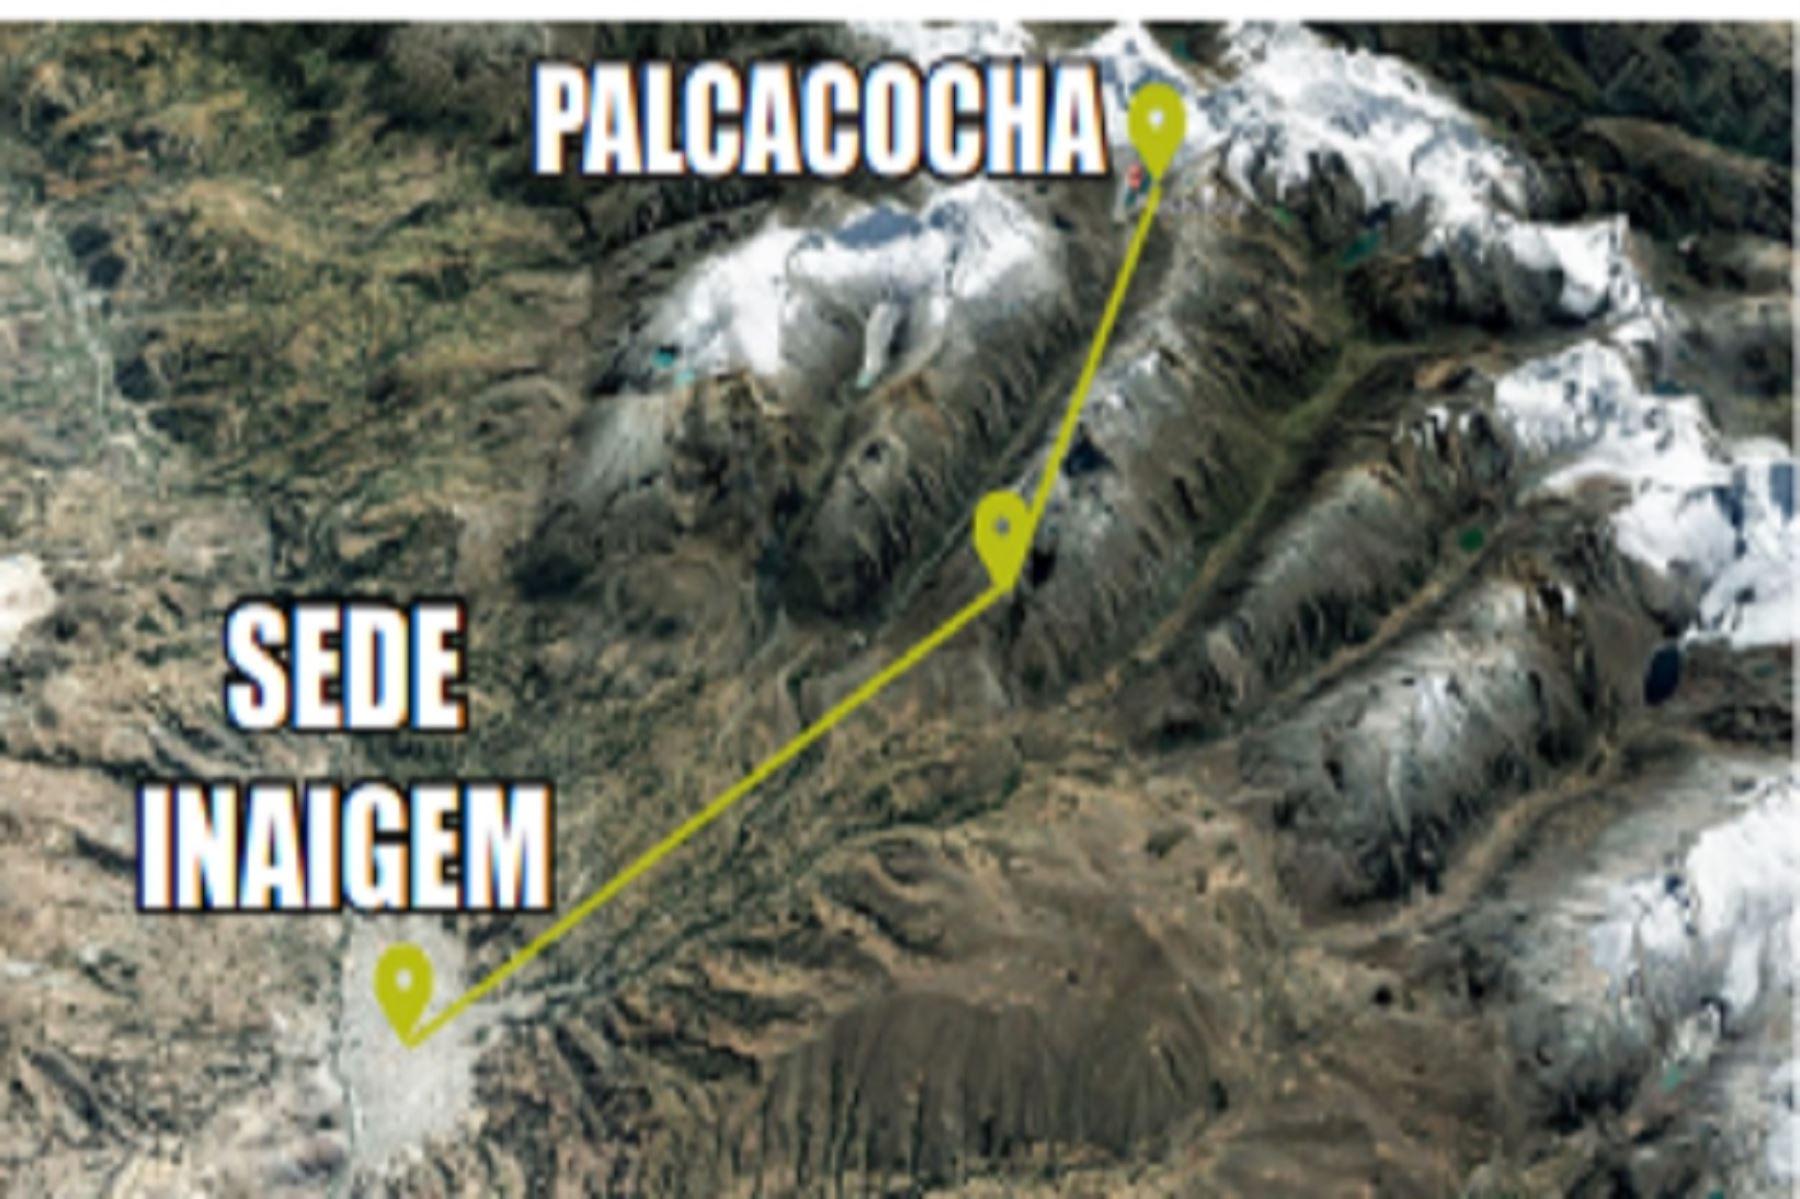 Actualmente el volumen de la laguna Palcacocha llega a 17 millones, 400 mil metros cúbicos y en la década de los 70 alcanzaba el medio millón.